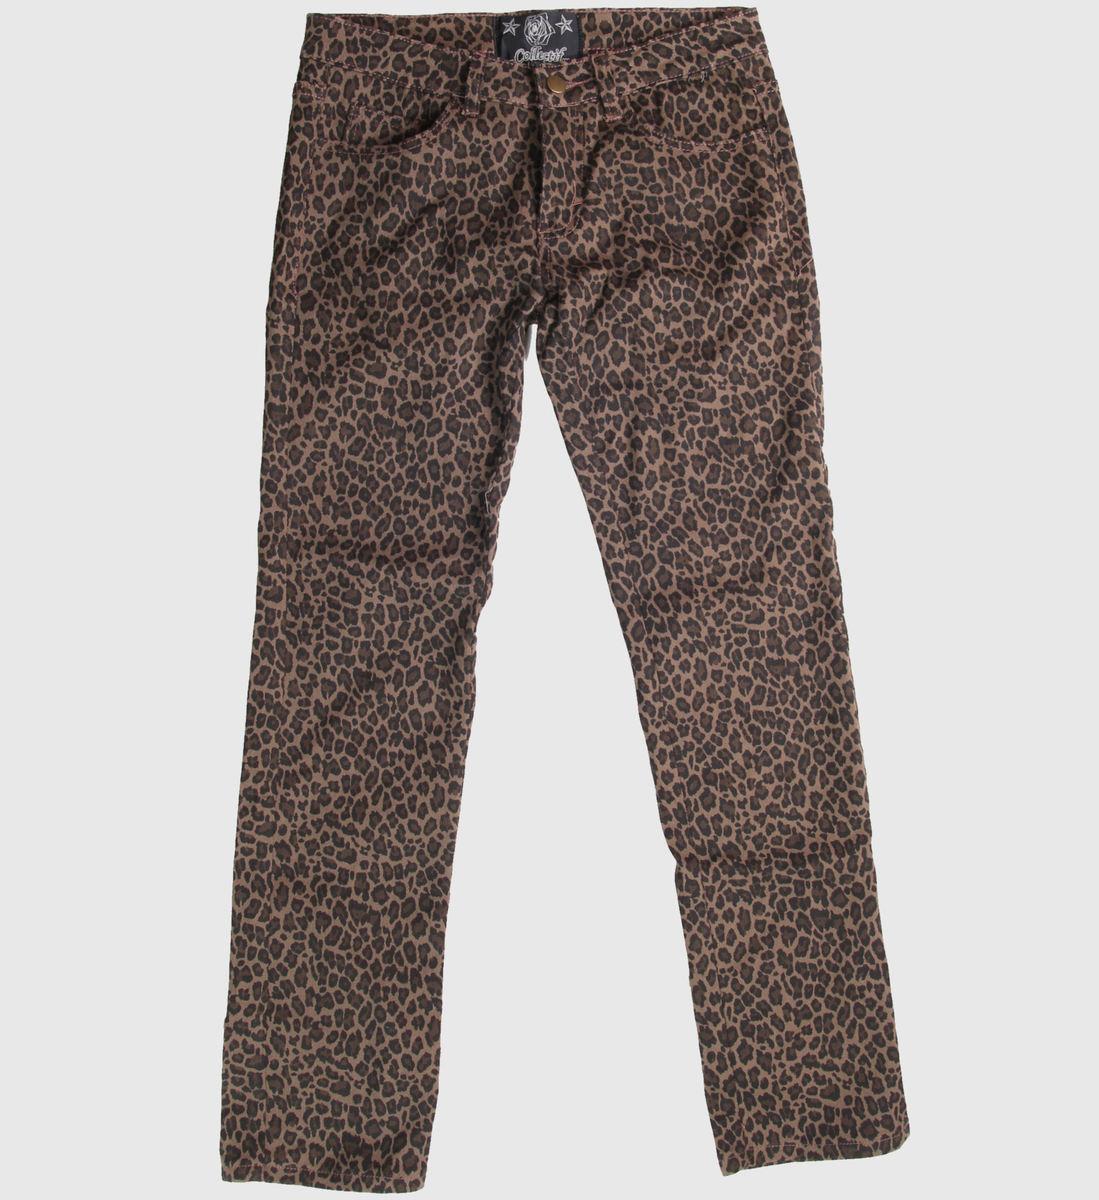 kalhoty dámské COLLECTIF - Leopard - CLO1